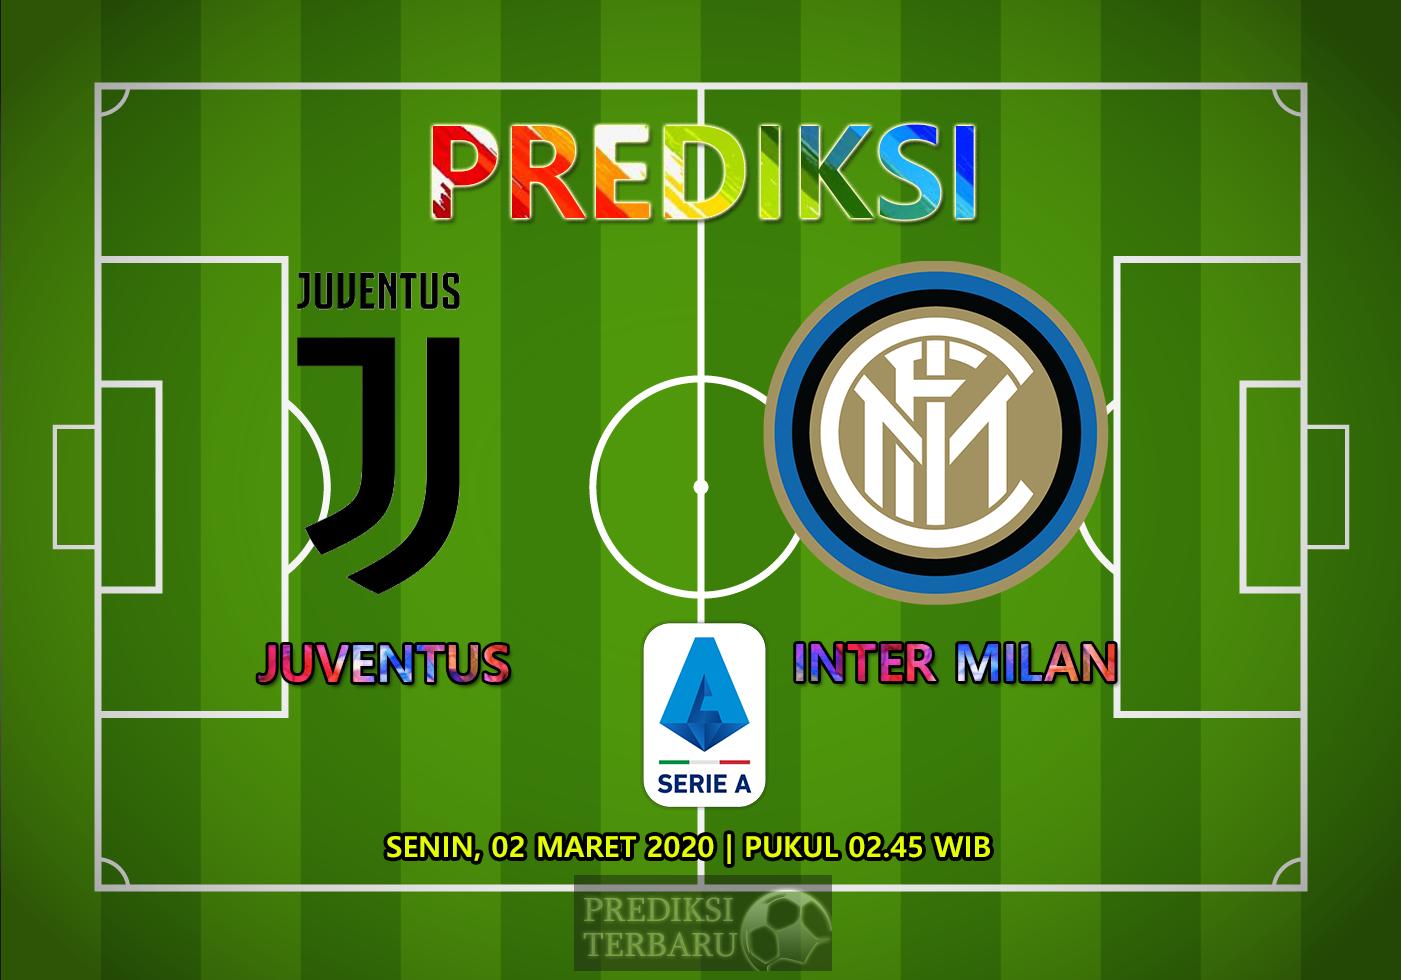 Prediksi Juventus Vs Inter Milan Senin 02 Maret